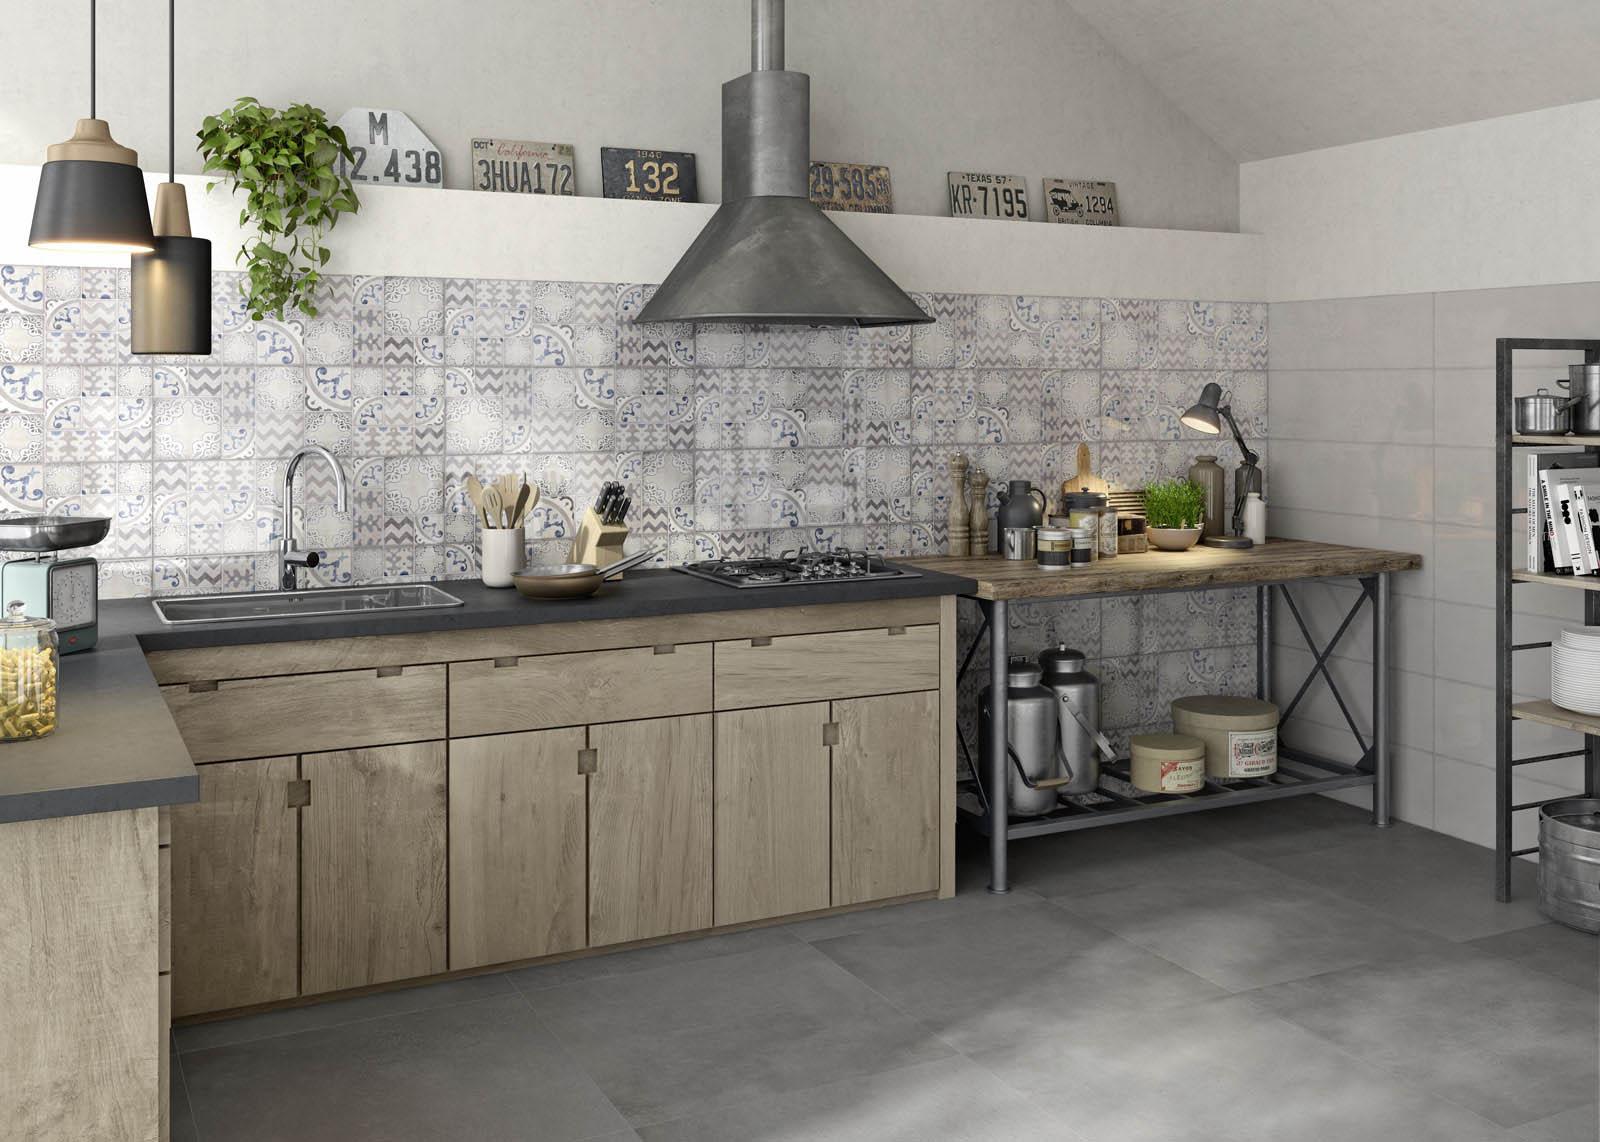 Piastrelle cucina idee in ceramica e gres marazzi - Piastrelle per cucina bianca ...